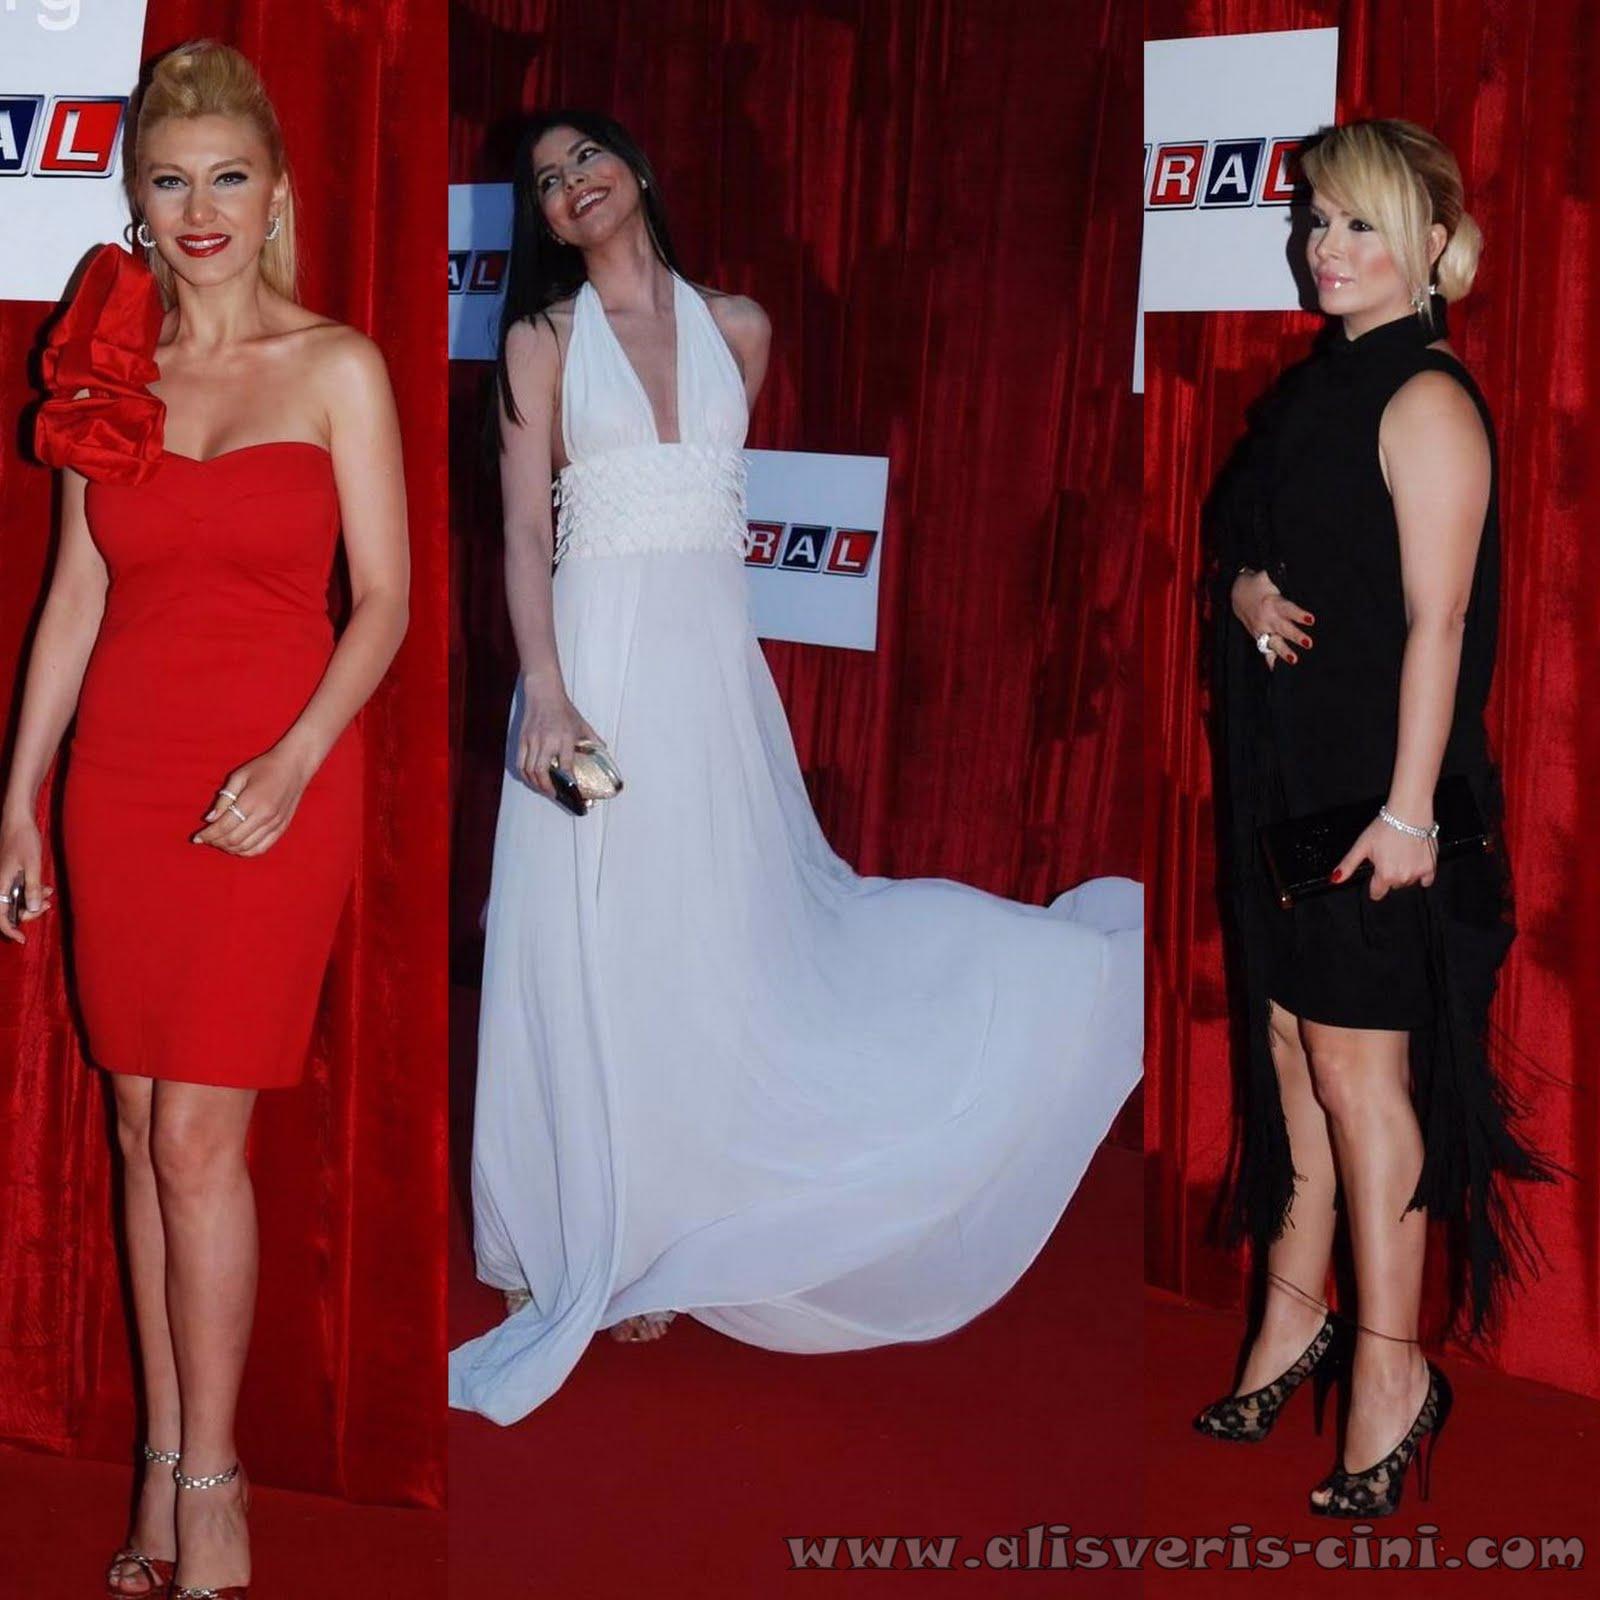 Kral tv müzik ödülleri 2010 felaketi